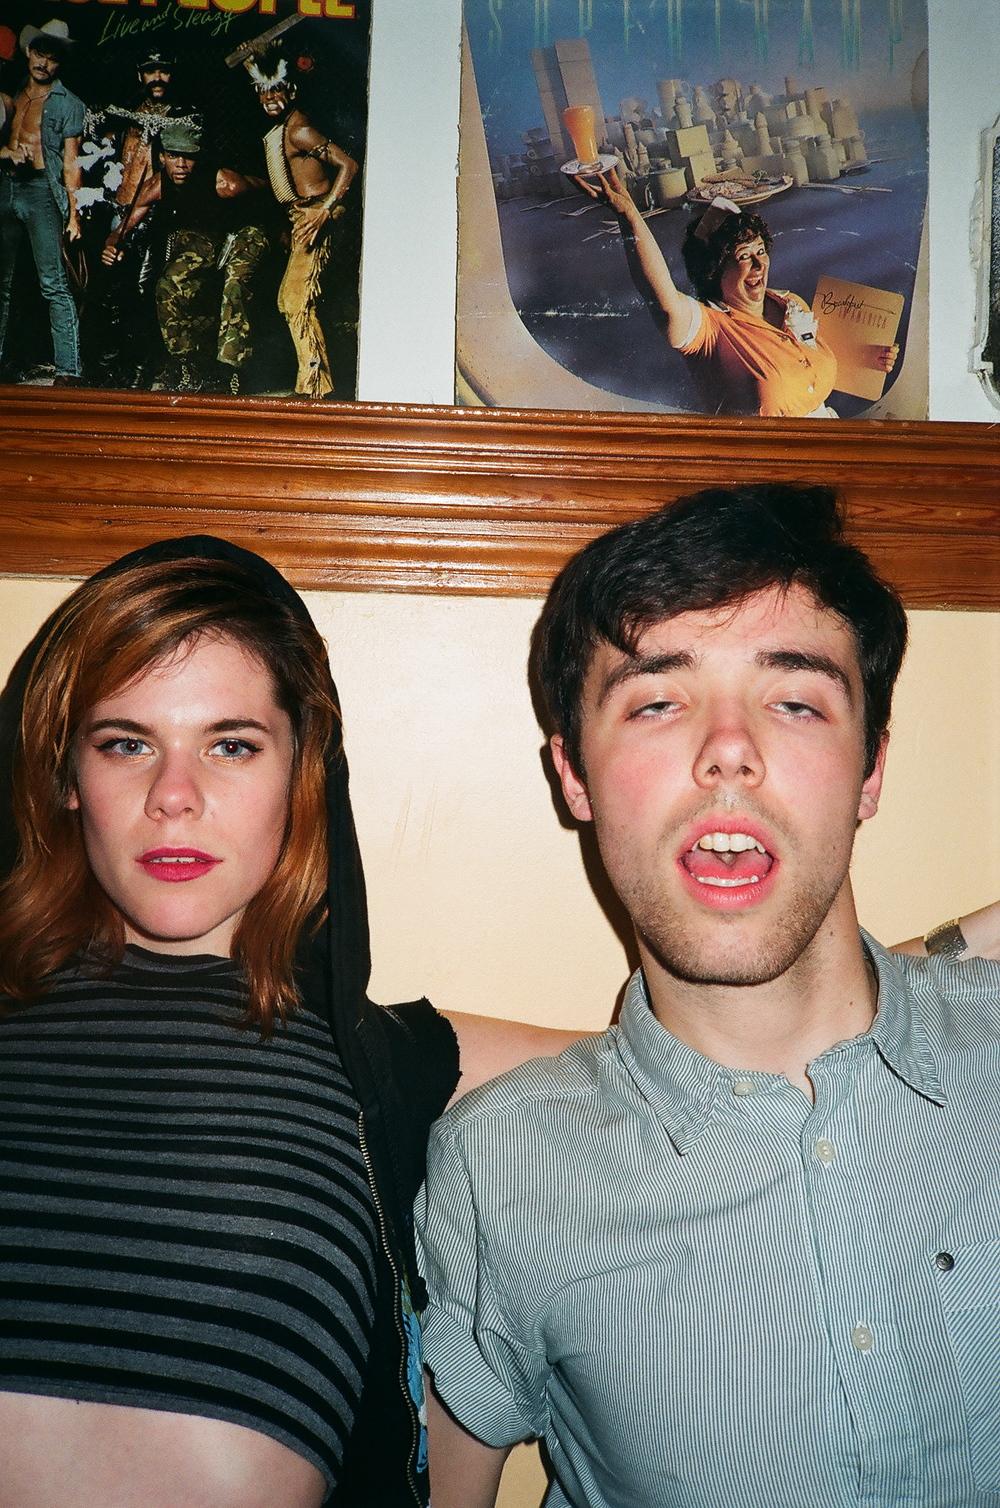 Nikki & Eamon, 2013